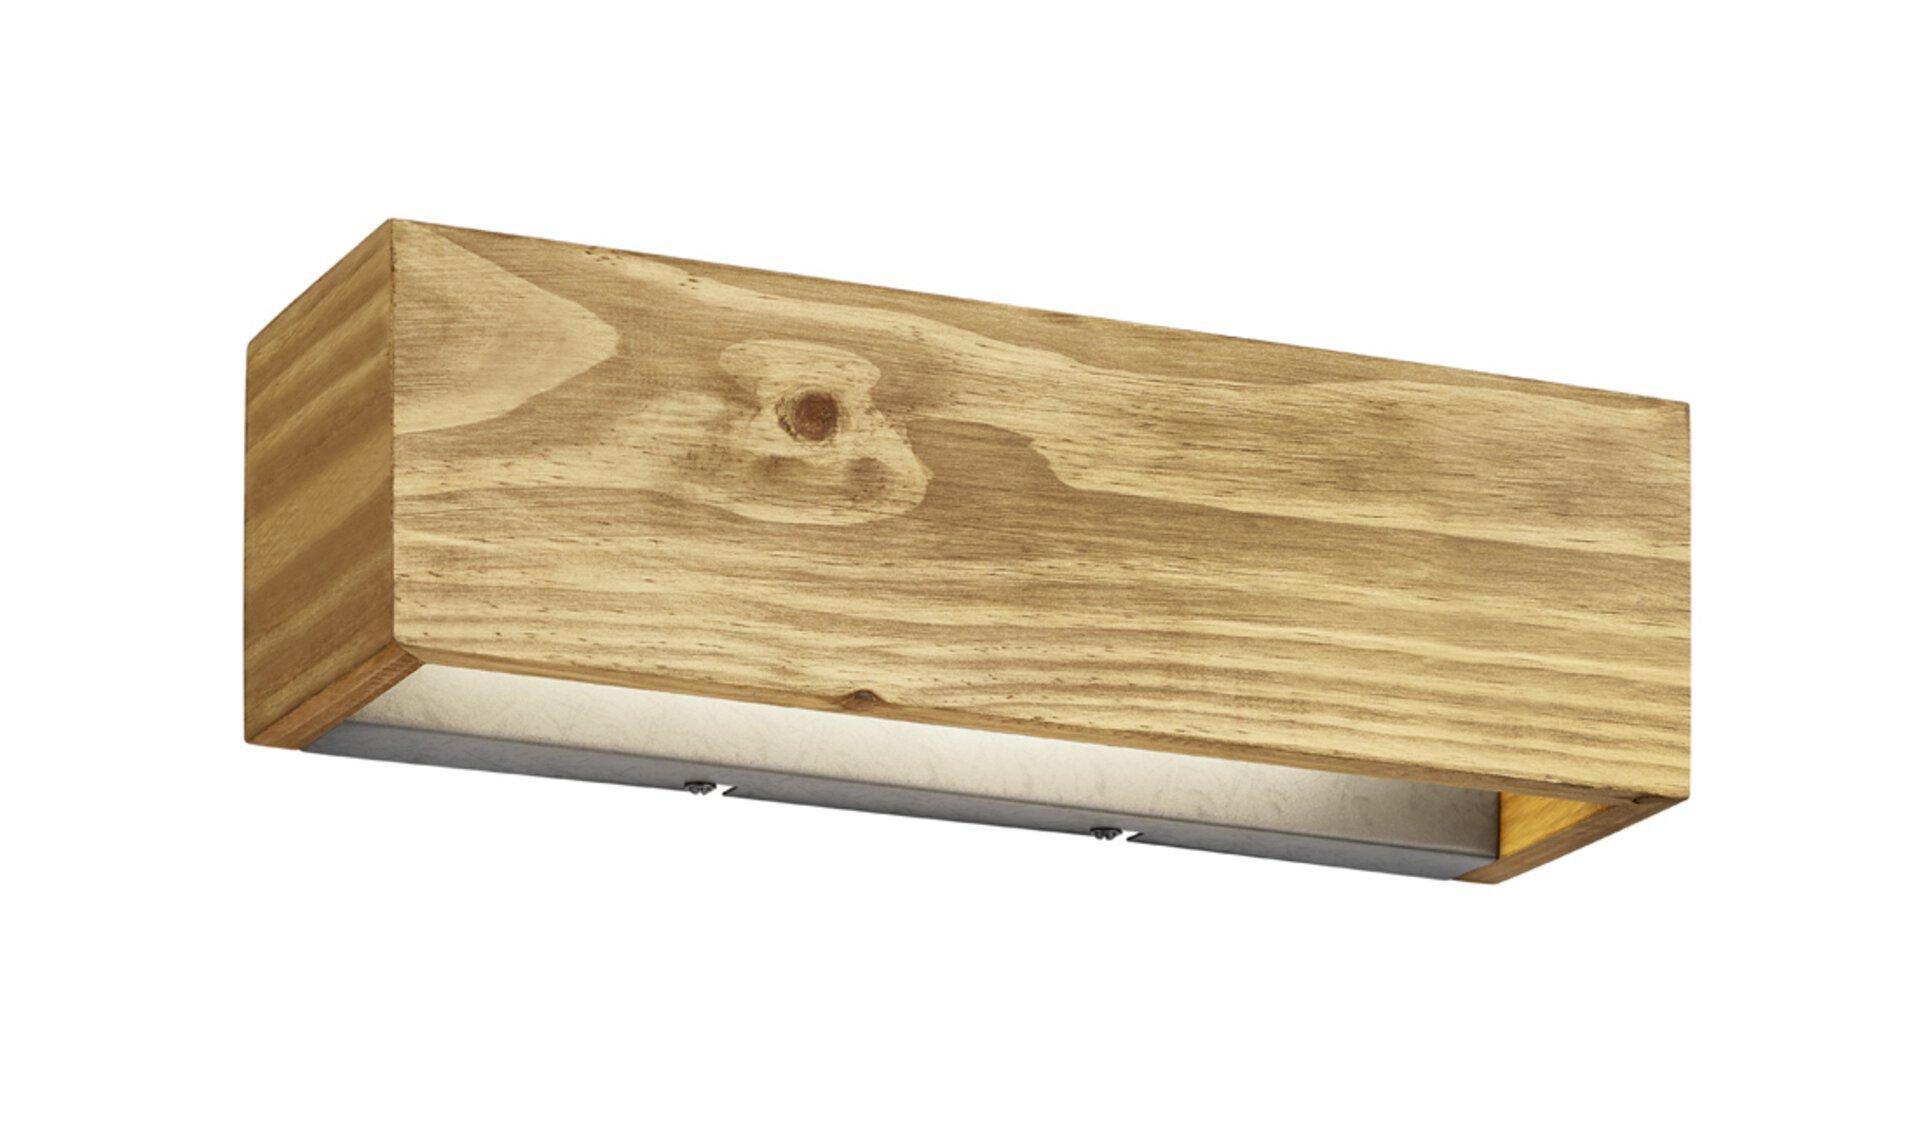 Wandleuchte Brad Trio Leuchten Holz 11 x 11 x 37 cm